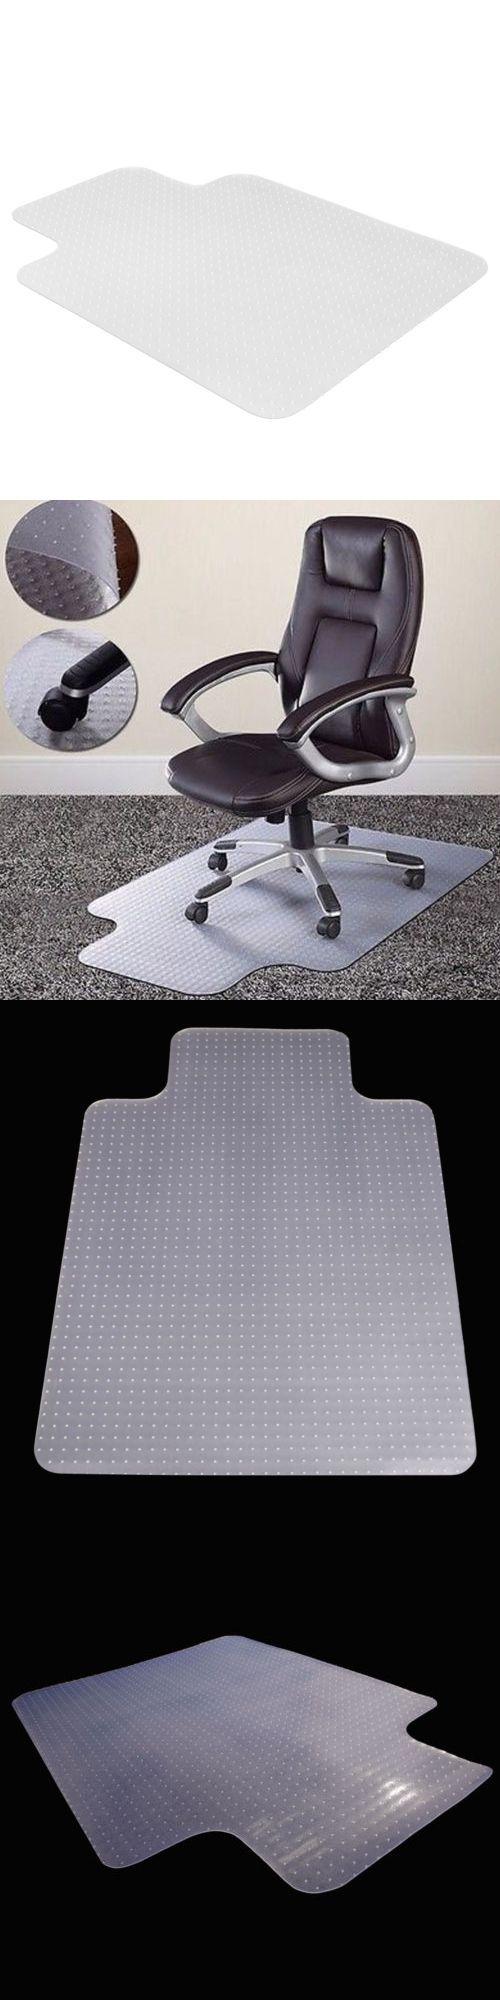 Door Mats And Floor Mats 20573 36 X 48 Home Office Chair Pvc Floor